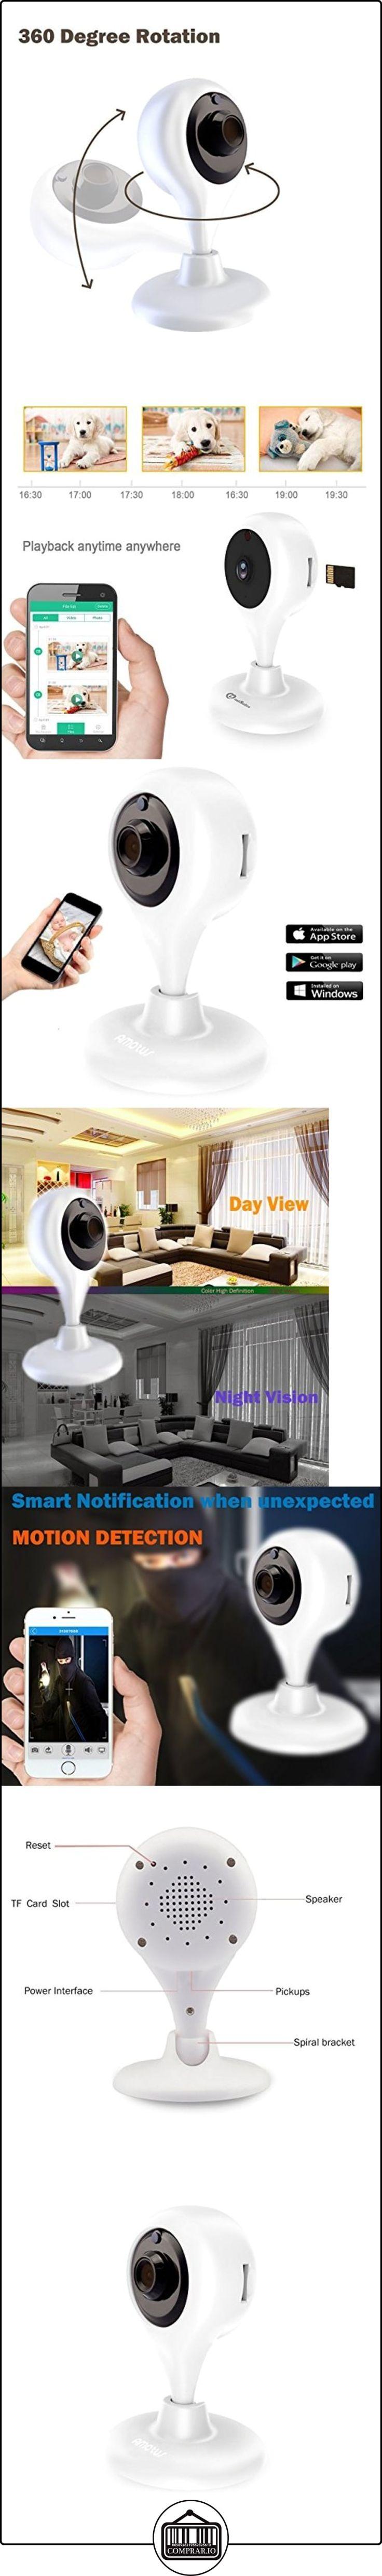 Cámara IP inalámbrica, Amotus hogar vigilancia cámara interior noche visión 2 vías audio cam con visualización remota del detector de movimiento y monitor de bebé para PC smart-phone  ✿ Vigilabebés - Seguridad ✿ ▬► Ver oferta: http://comprar.io/goto/B01J3CTBIM